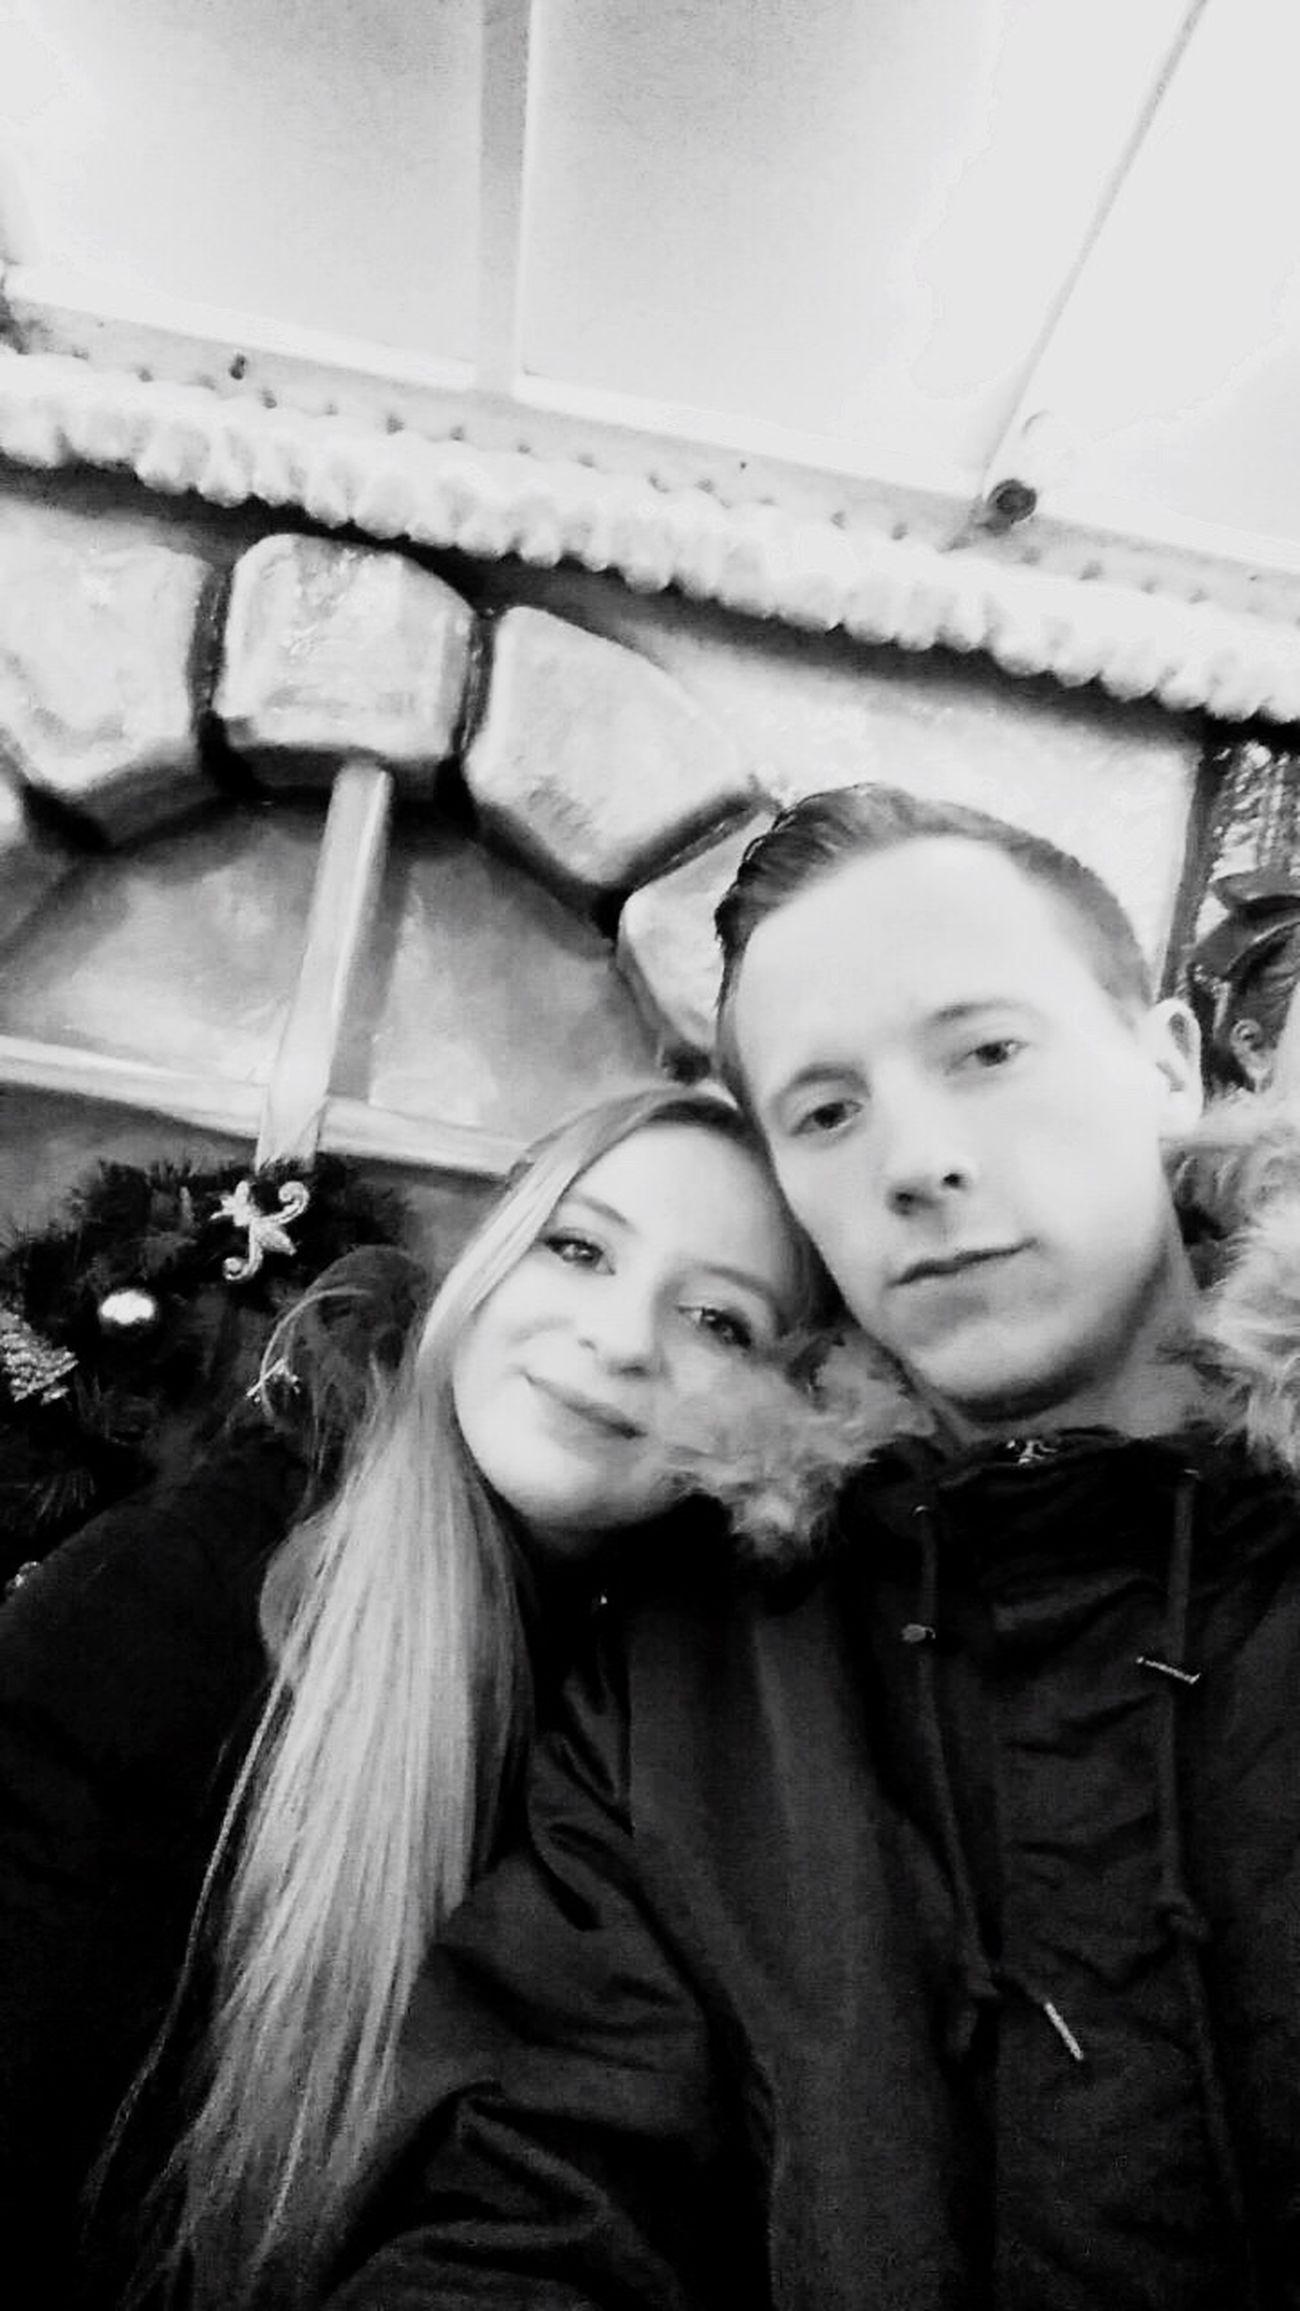 Hanging Out Taking Photos Boyfriend Ich Liebe Dich ! Love ♥ Forever Florian Vanessa Mit Dir